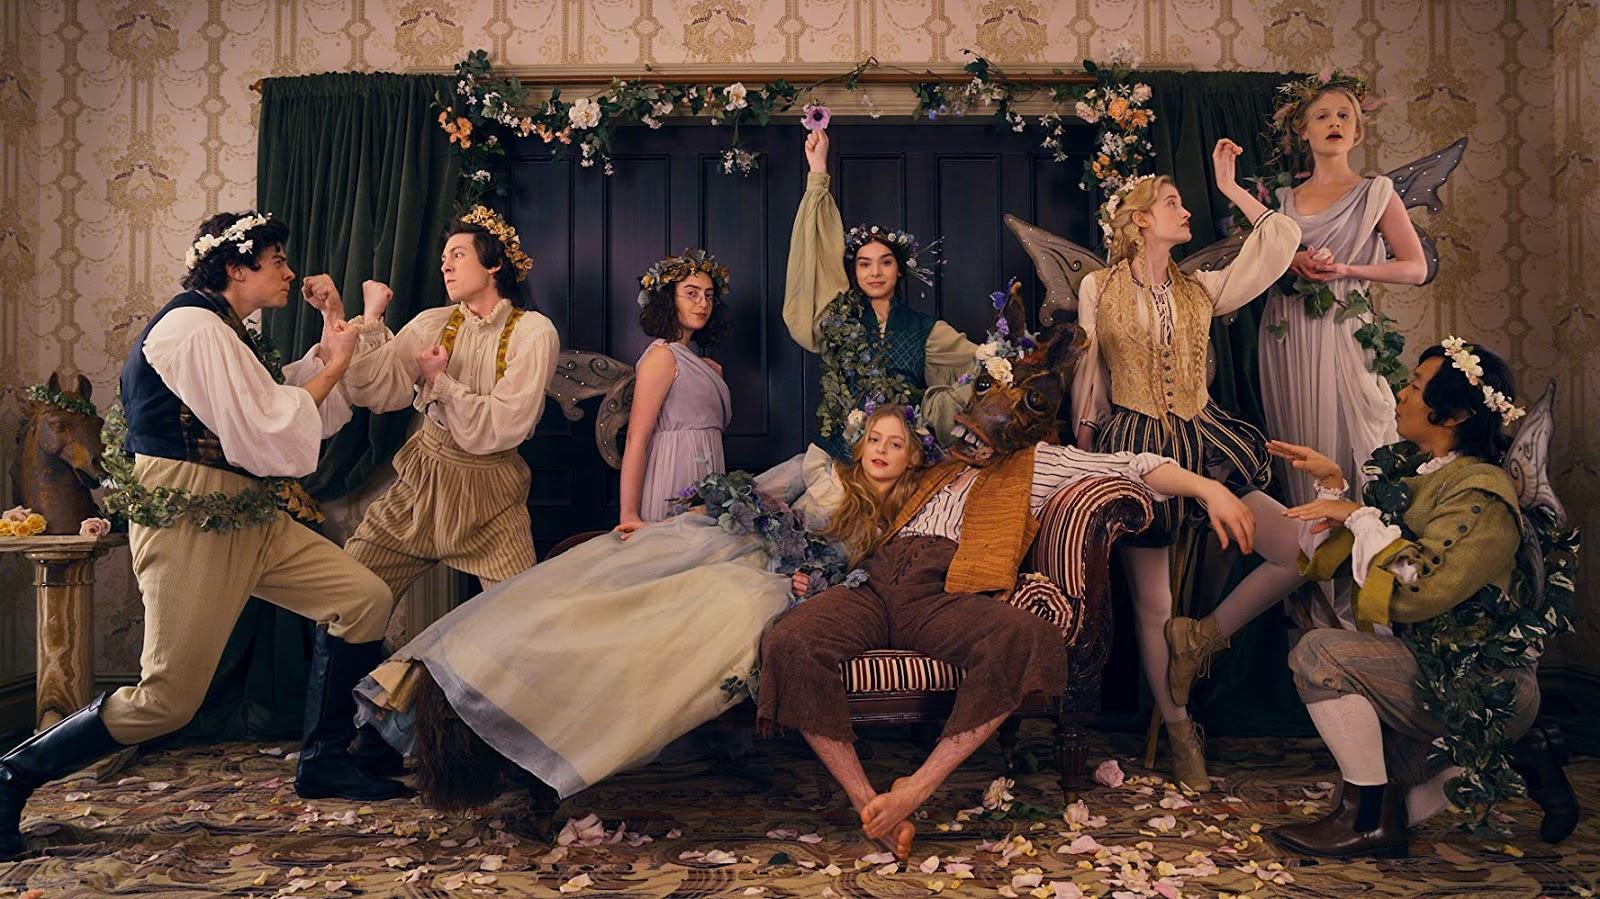 Parte del elenco de Dickinson en un fotograma de la serie